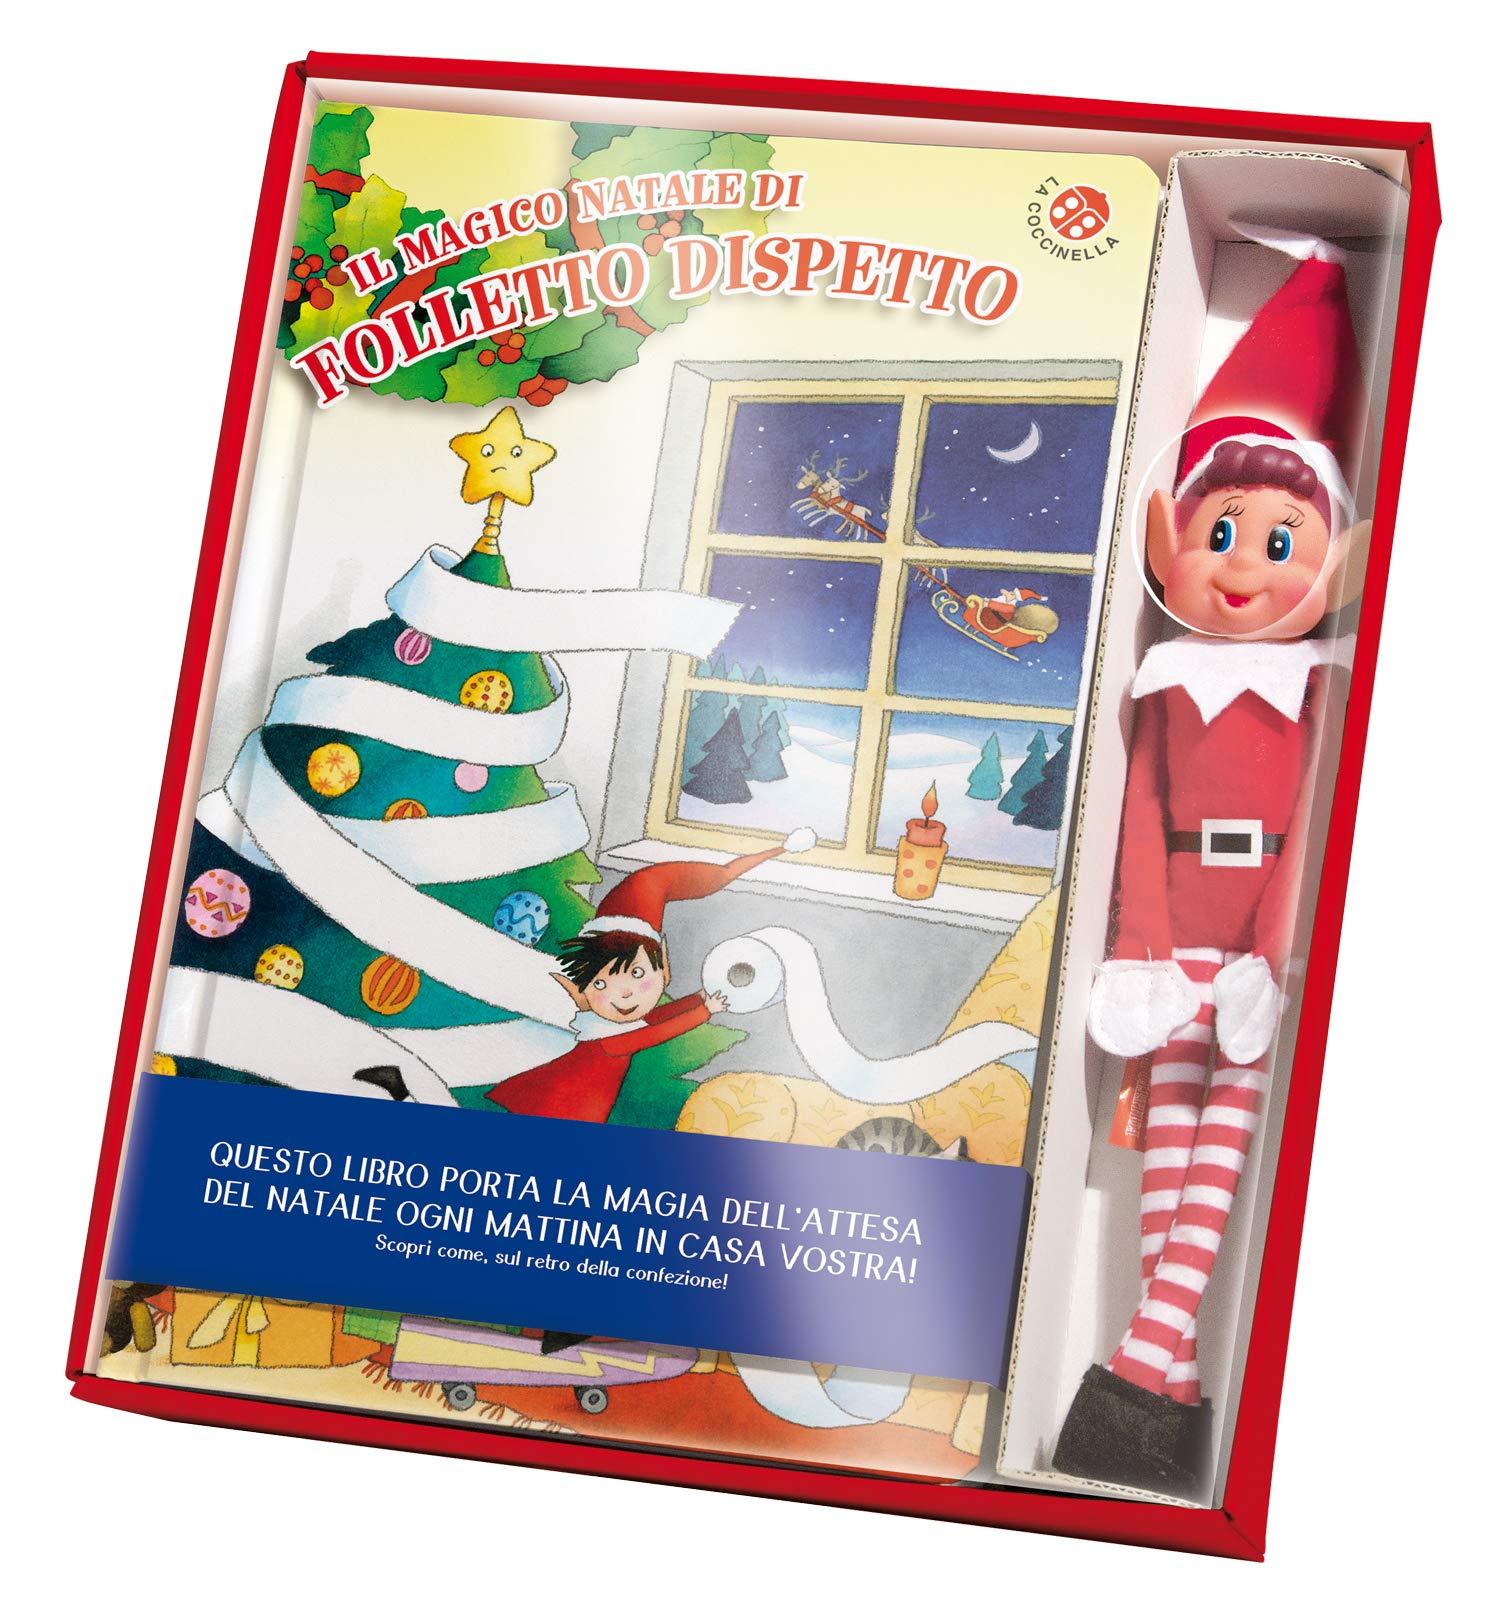 790b42077eb3f0 Amazon.it: Il magico natale di Folletto Dispetto. Con gadget - Giovanna  Mantegazza, C. Mesturini - Libri